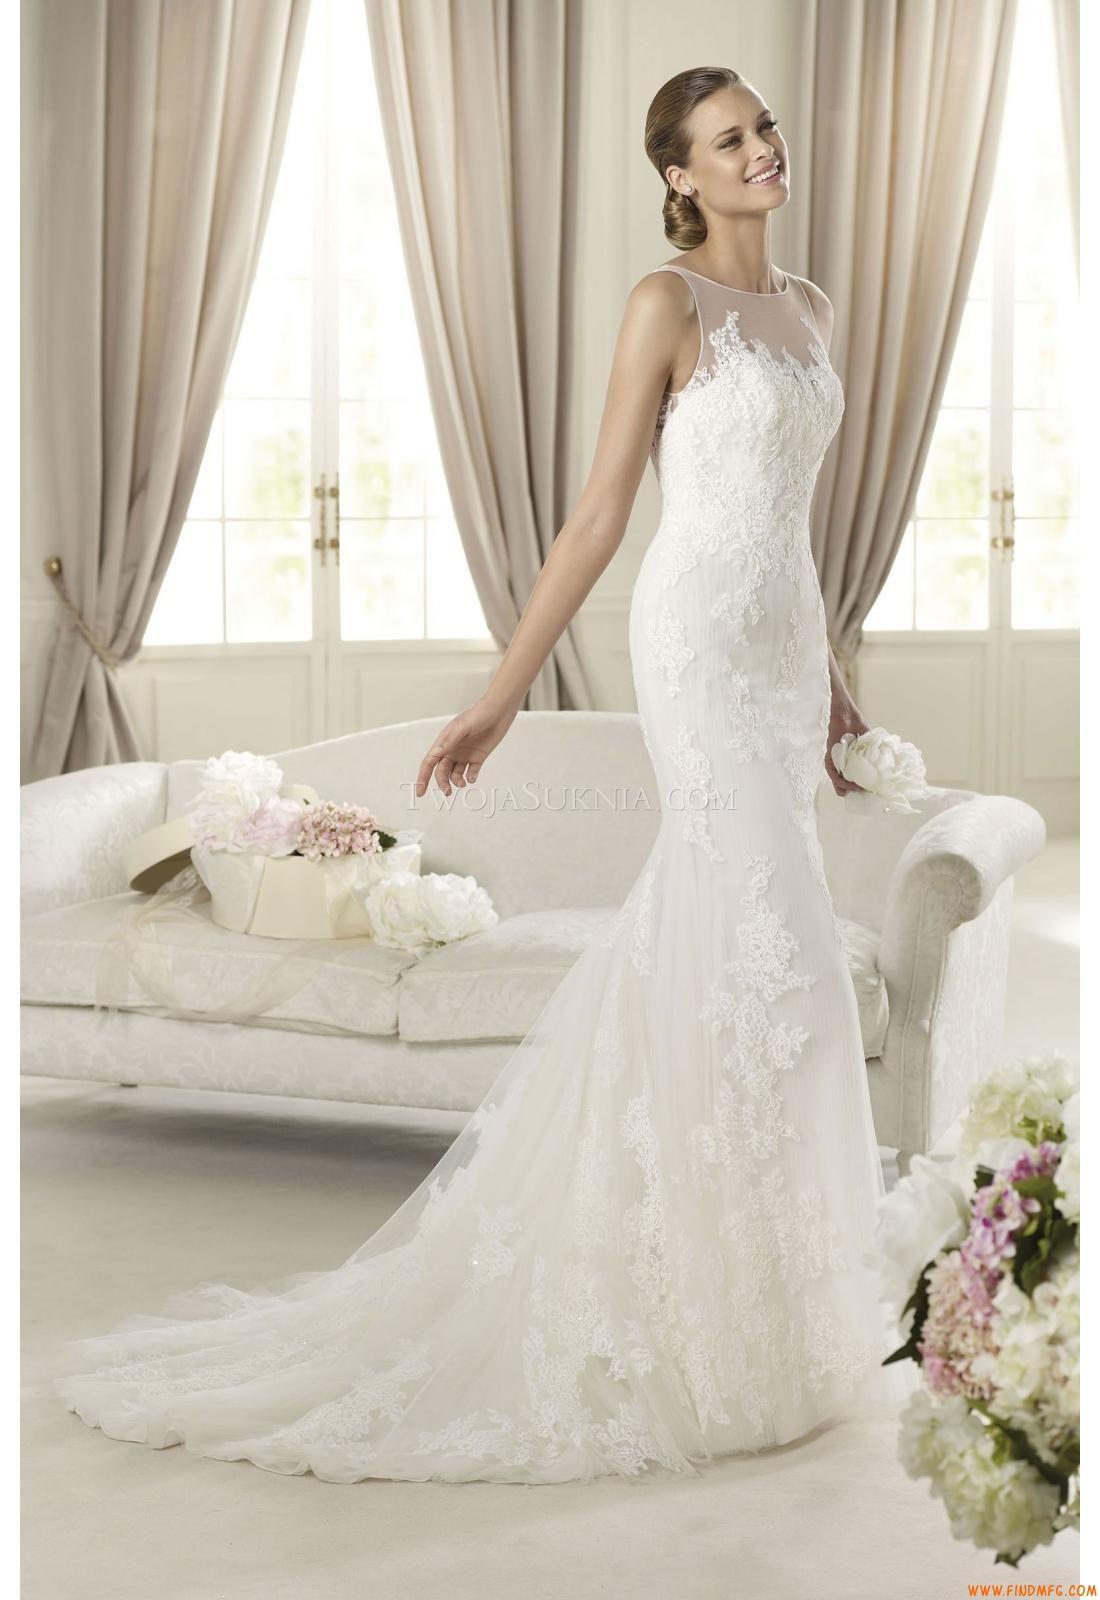 Preloved pronovias wedding dresses  Vestidos de noiva Pronovias Distel   Pronovias Vestidos de